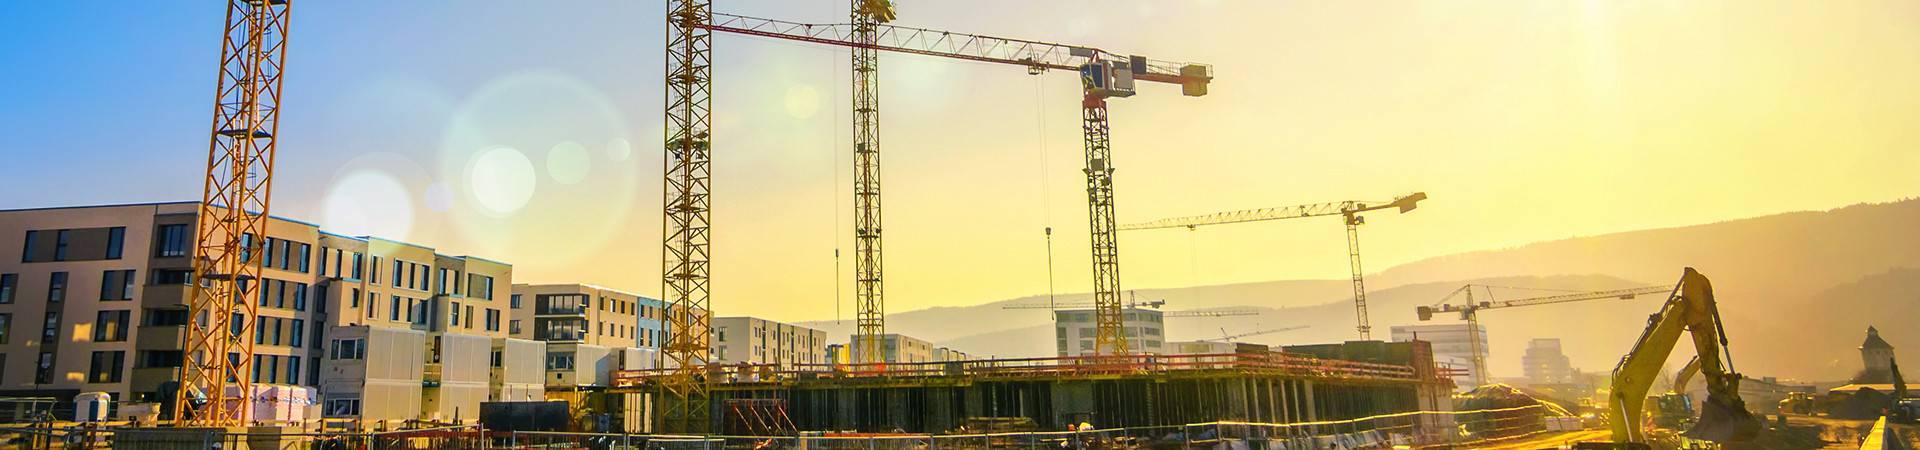 Ոսկու աշխարհ բնակելի թաղամասից անմիջապես կառուցապատողից բնակարանների ձեռքբերում